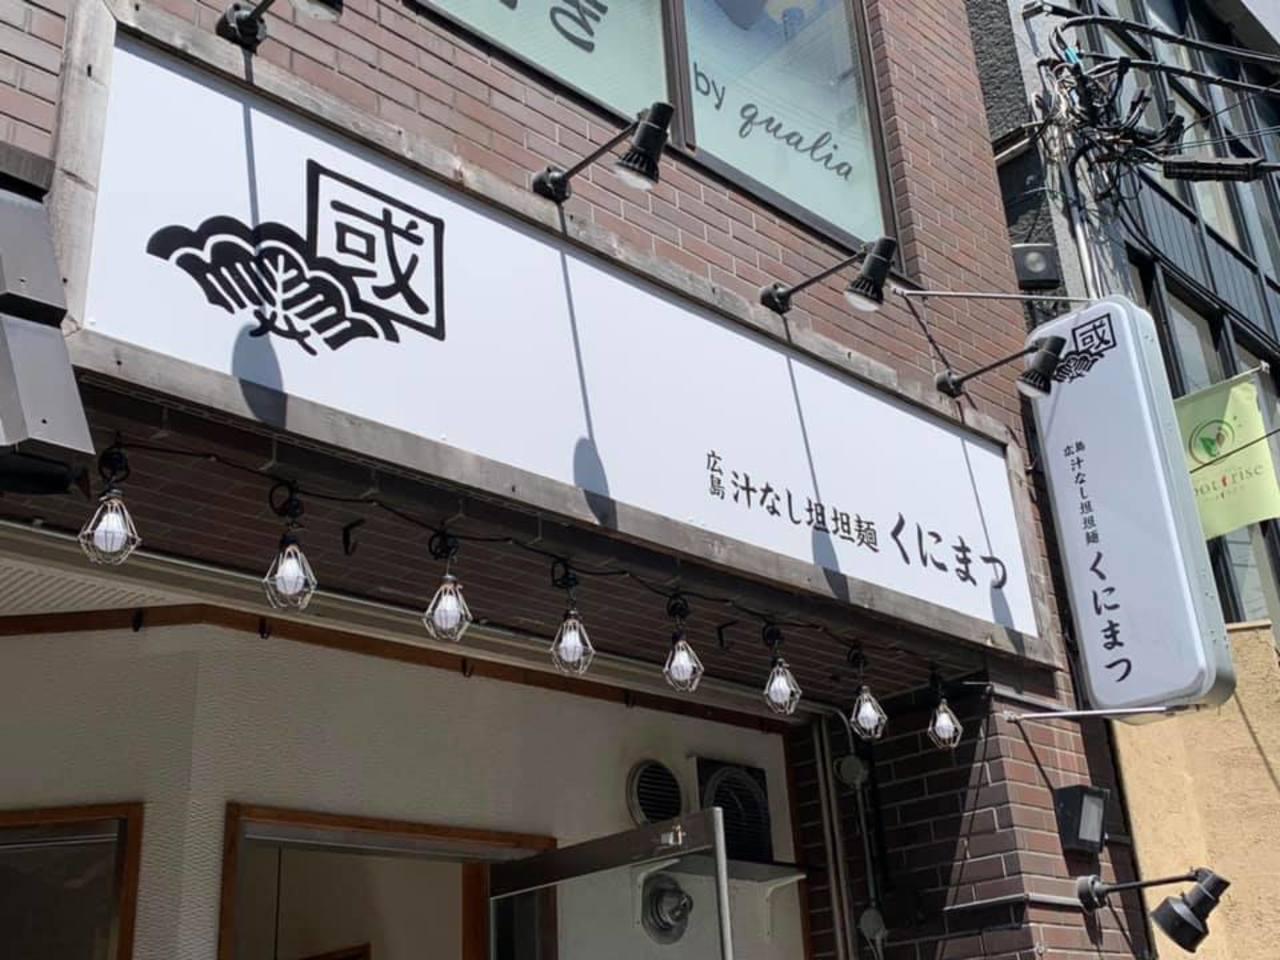 宮城県仙台市青葉区一番町に広島汁なし担々麺「くにまつ 仙台店」が本日オープンされたようです。